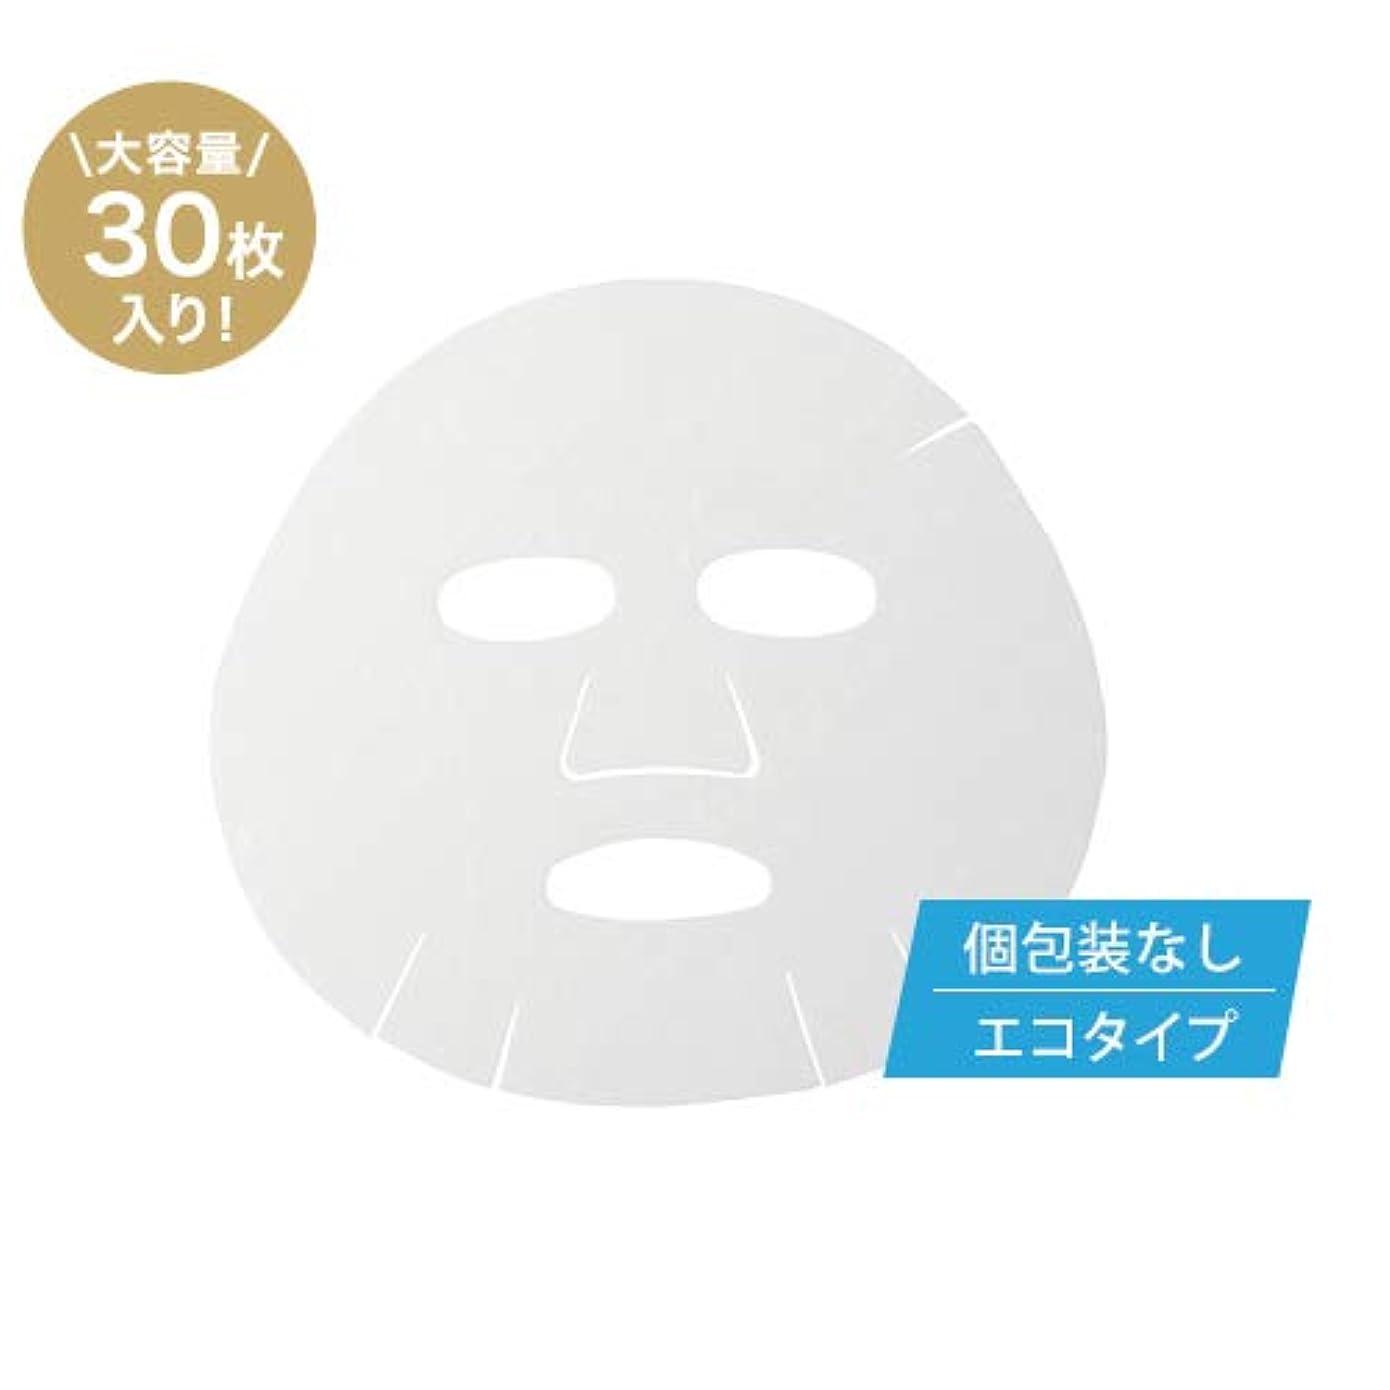 遠いワークショップわかるMAMEW エッセンスシートマスク(個包装無し?大容量タイプ)-日本製の顔パック-毛穴を引き締める?保湿効果?くすみ?しわ対策におすすめ?お肌しっとり-EGF配合-お得な30枚セット